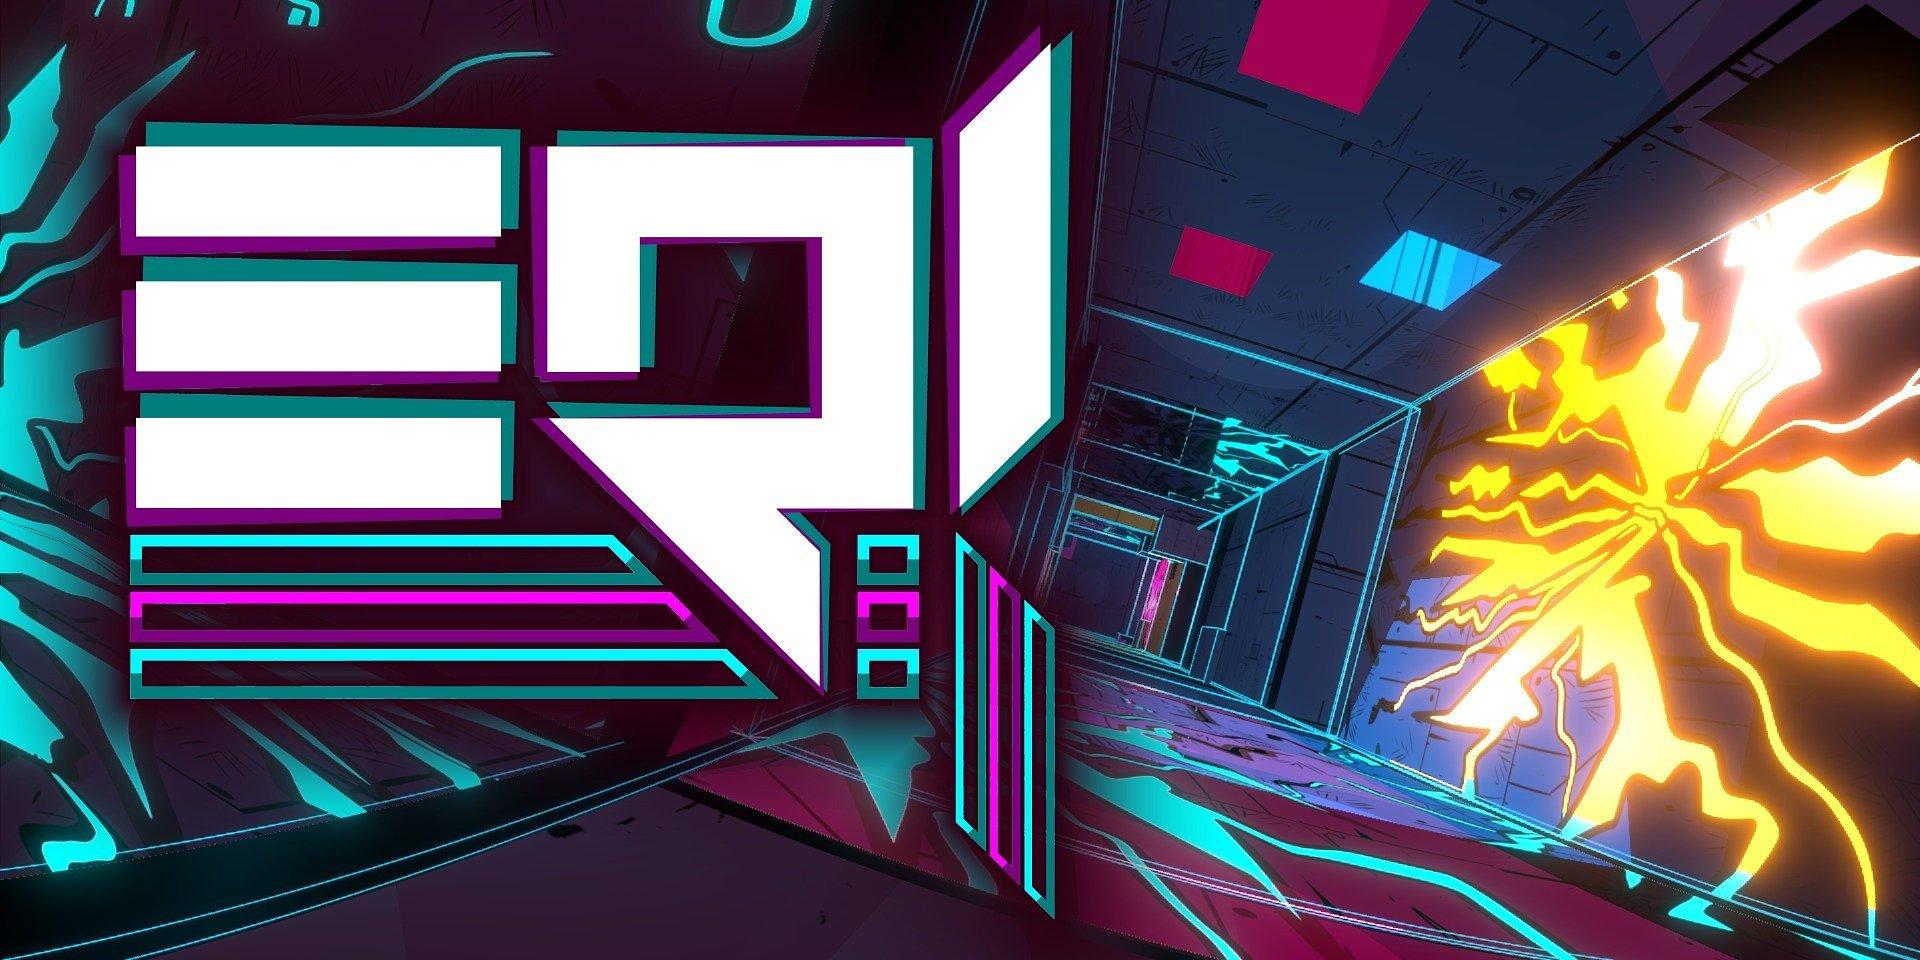 Ostra psychodela w cyberprzestrzeni - gra zręcznościowo-logiczna EQI dostępna za darmo na Steamie